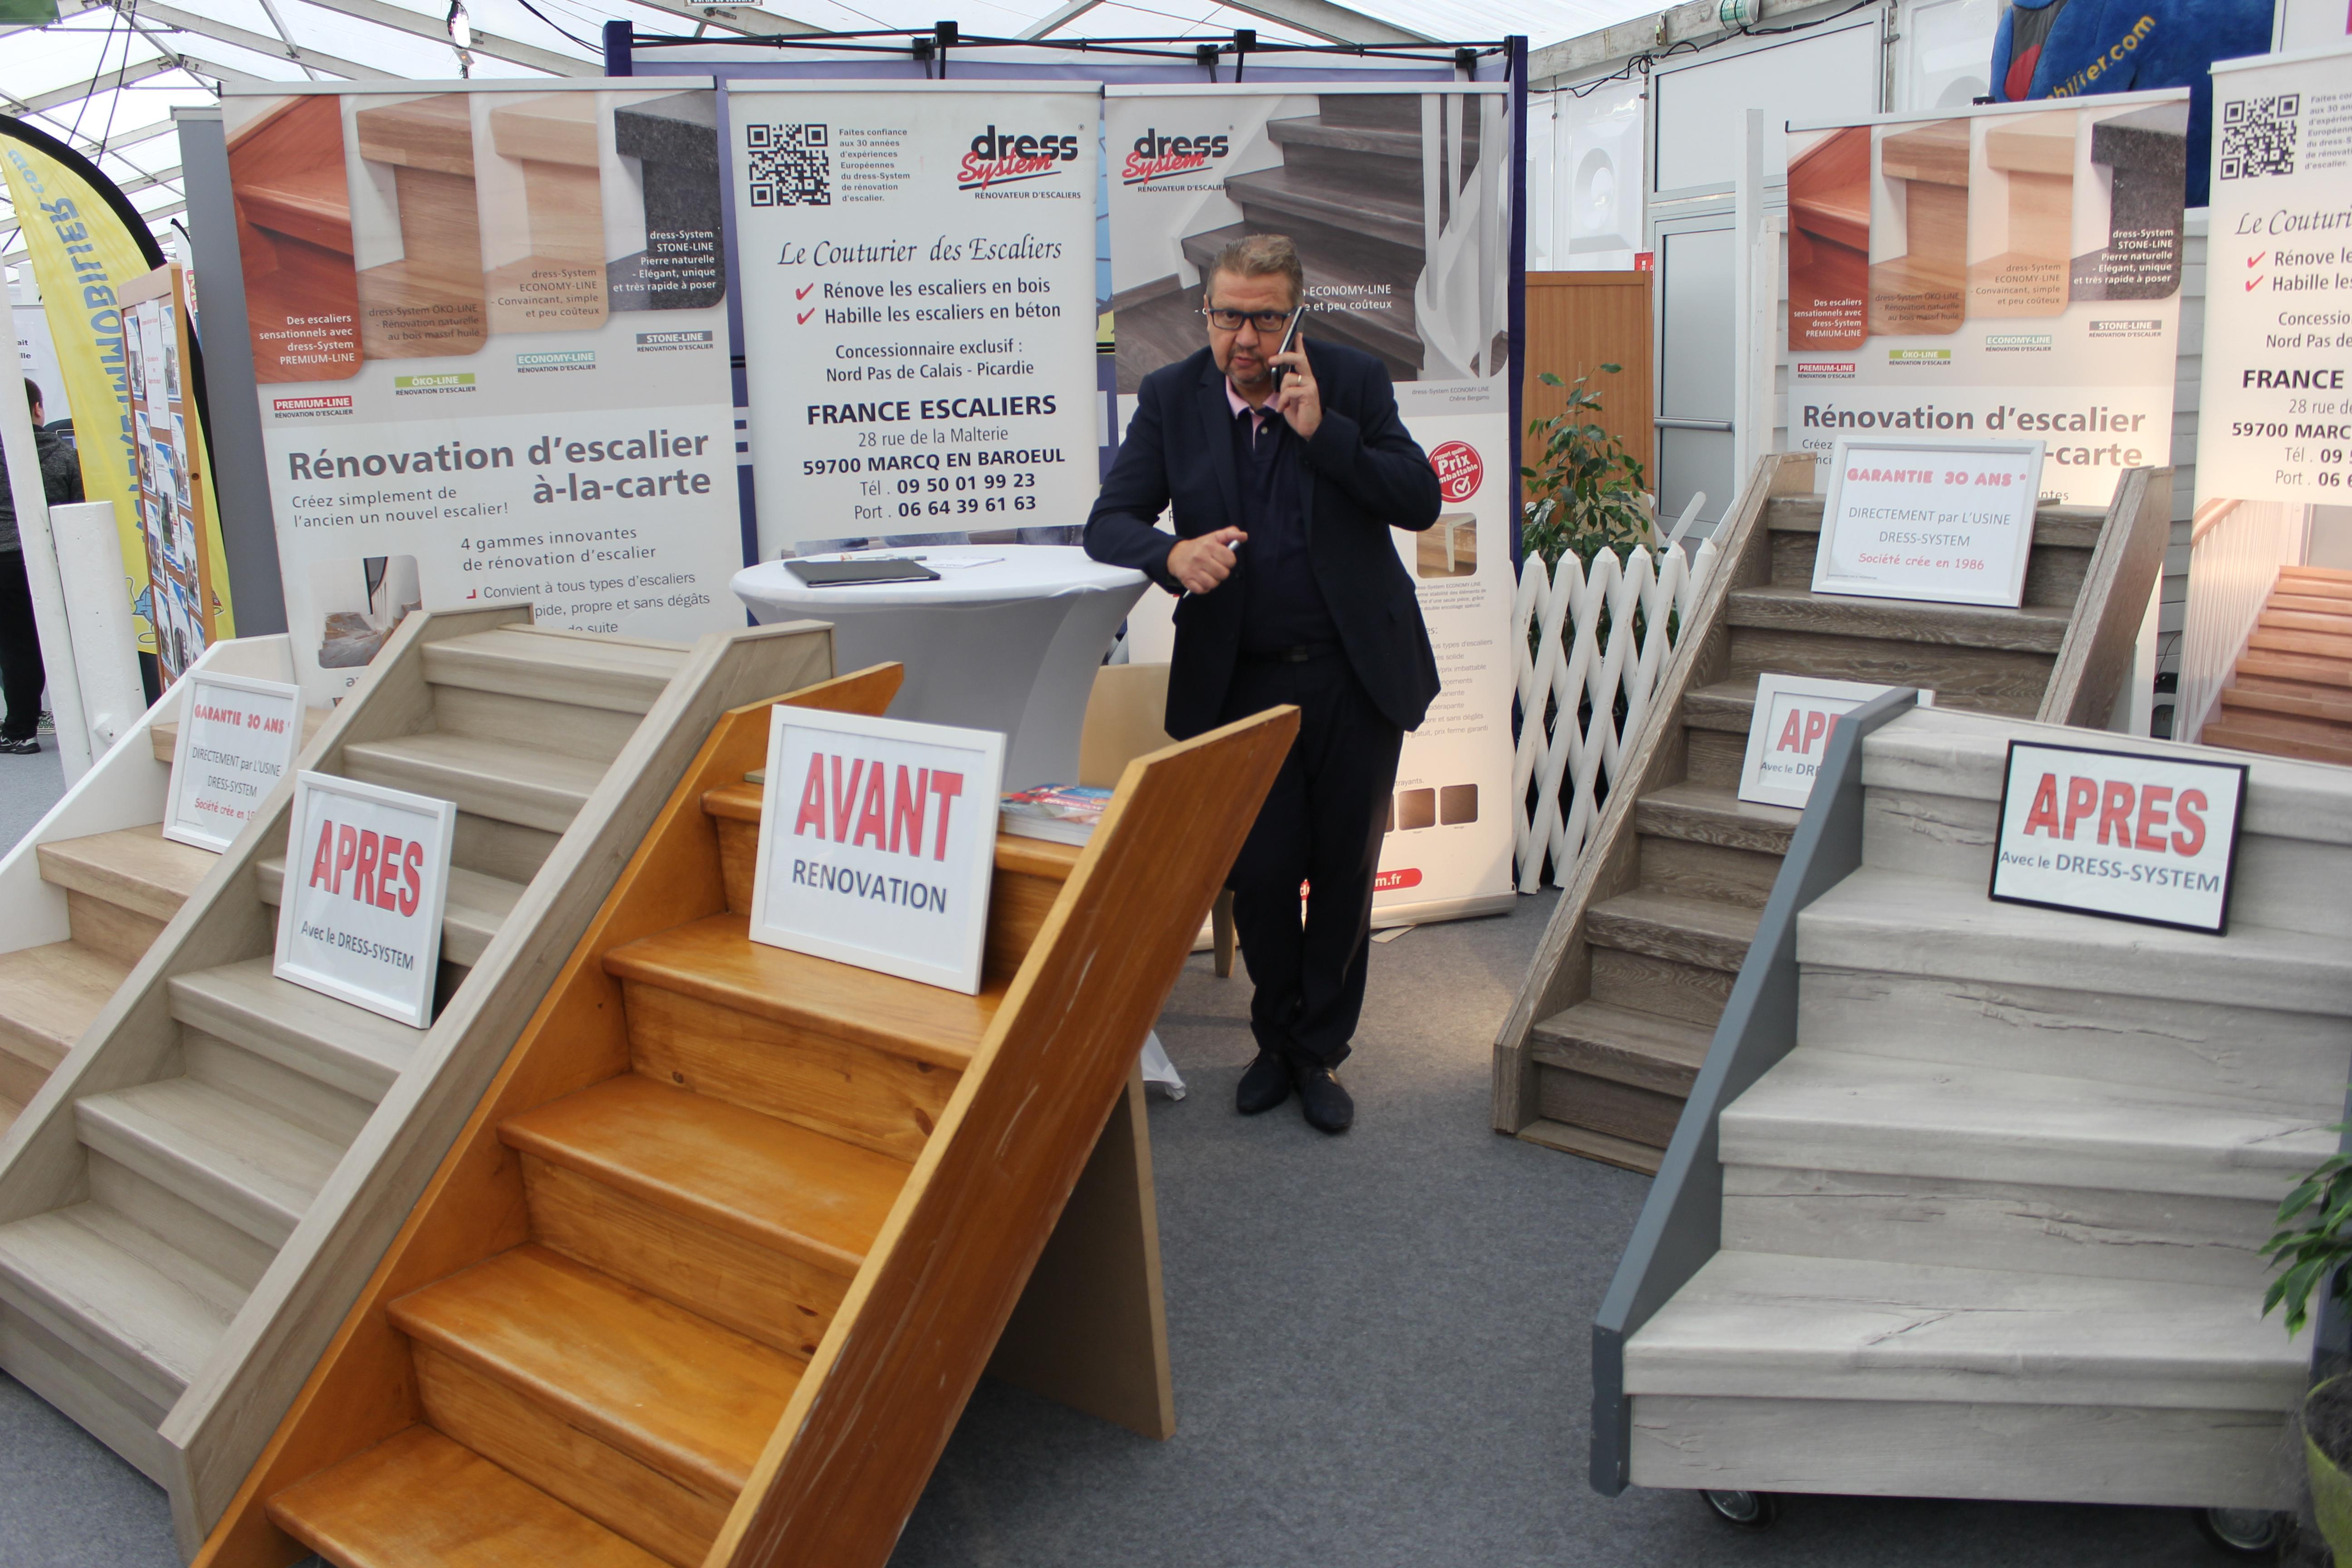 Renovation Escalier Nord Pas De Calais france escaliers - salon de l'entreprise et du terroir